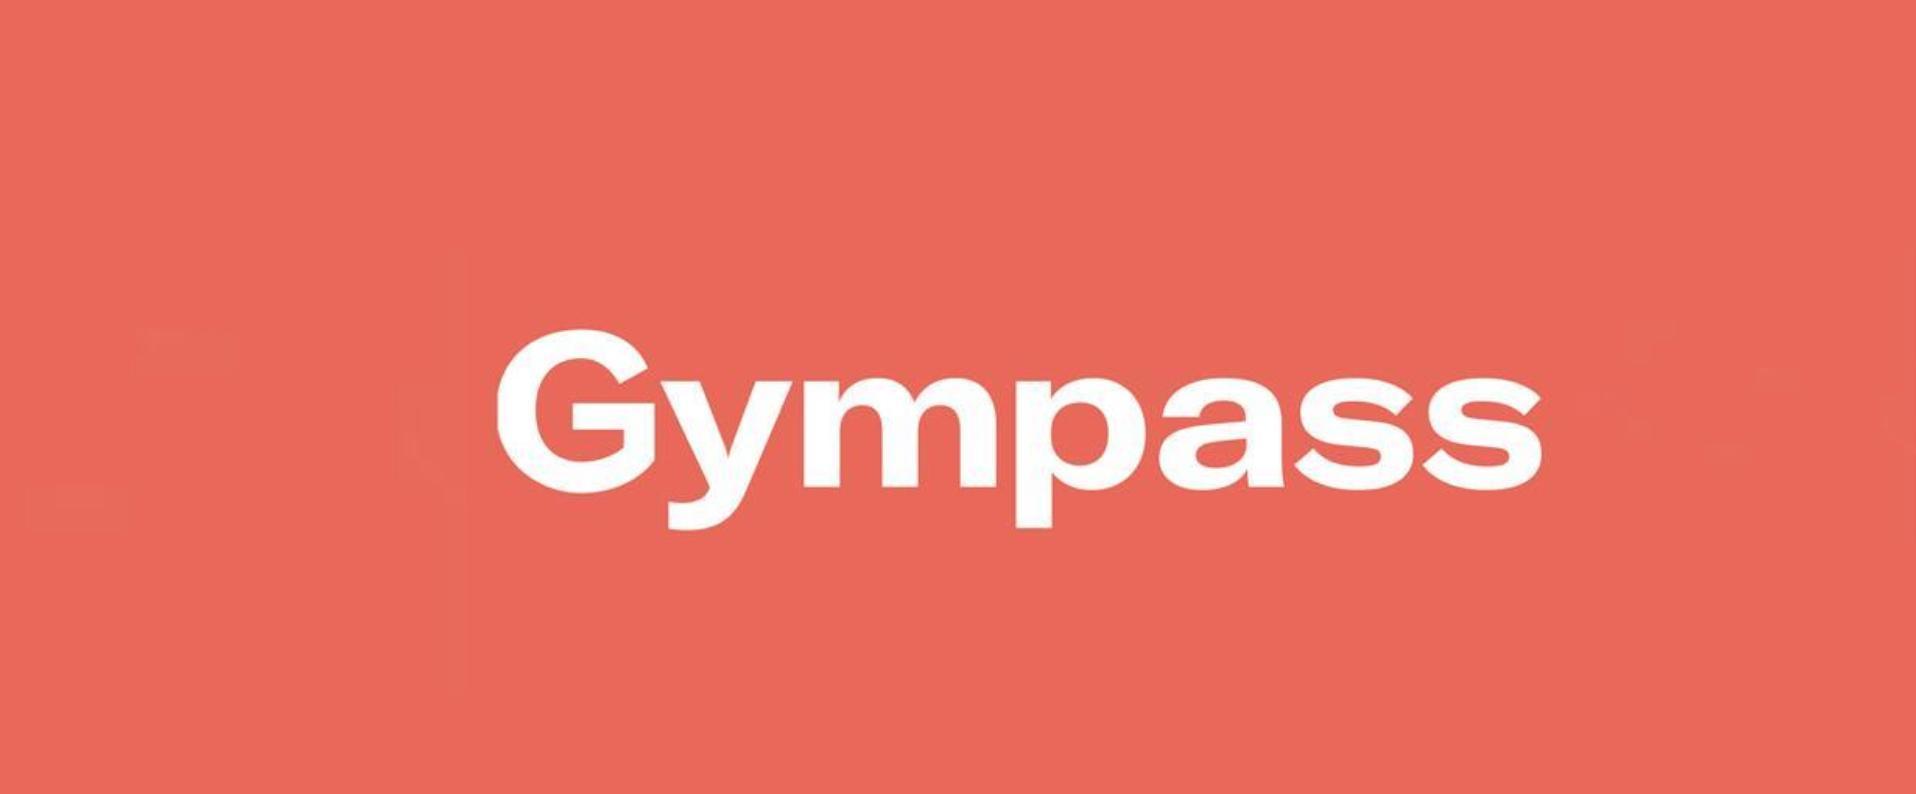 Gympass lancia nuove soluzioni per il benessere nelle aziende thumbnail